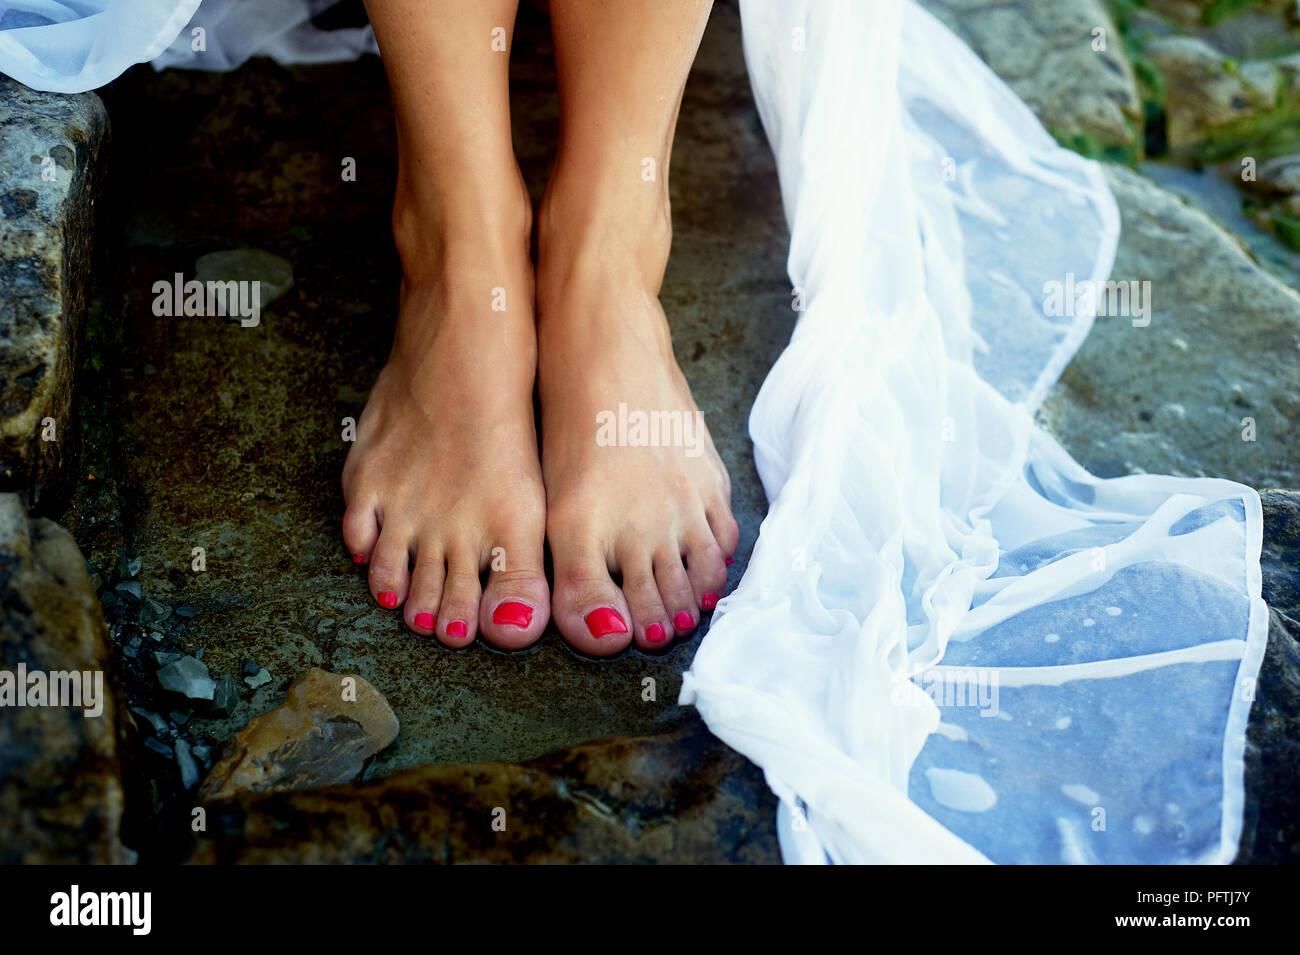 Füße im Meer Wasser. Auf die Nägel der pink Polnisch. Urlaub, schönes Leben Stockbild